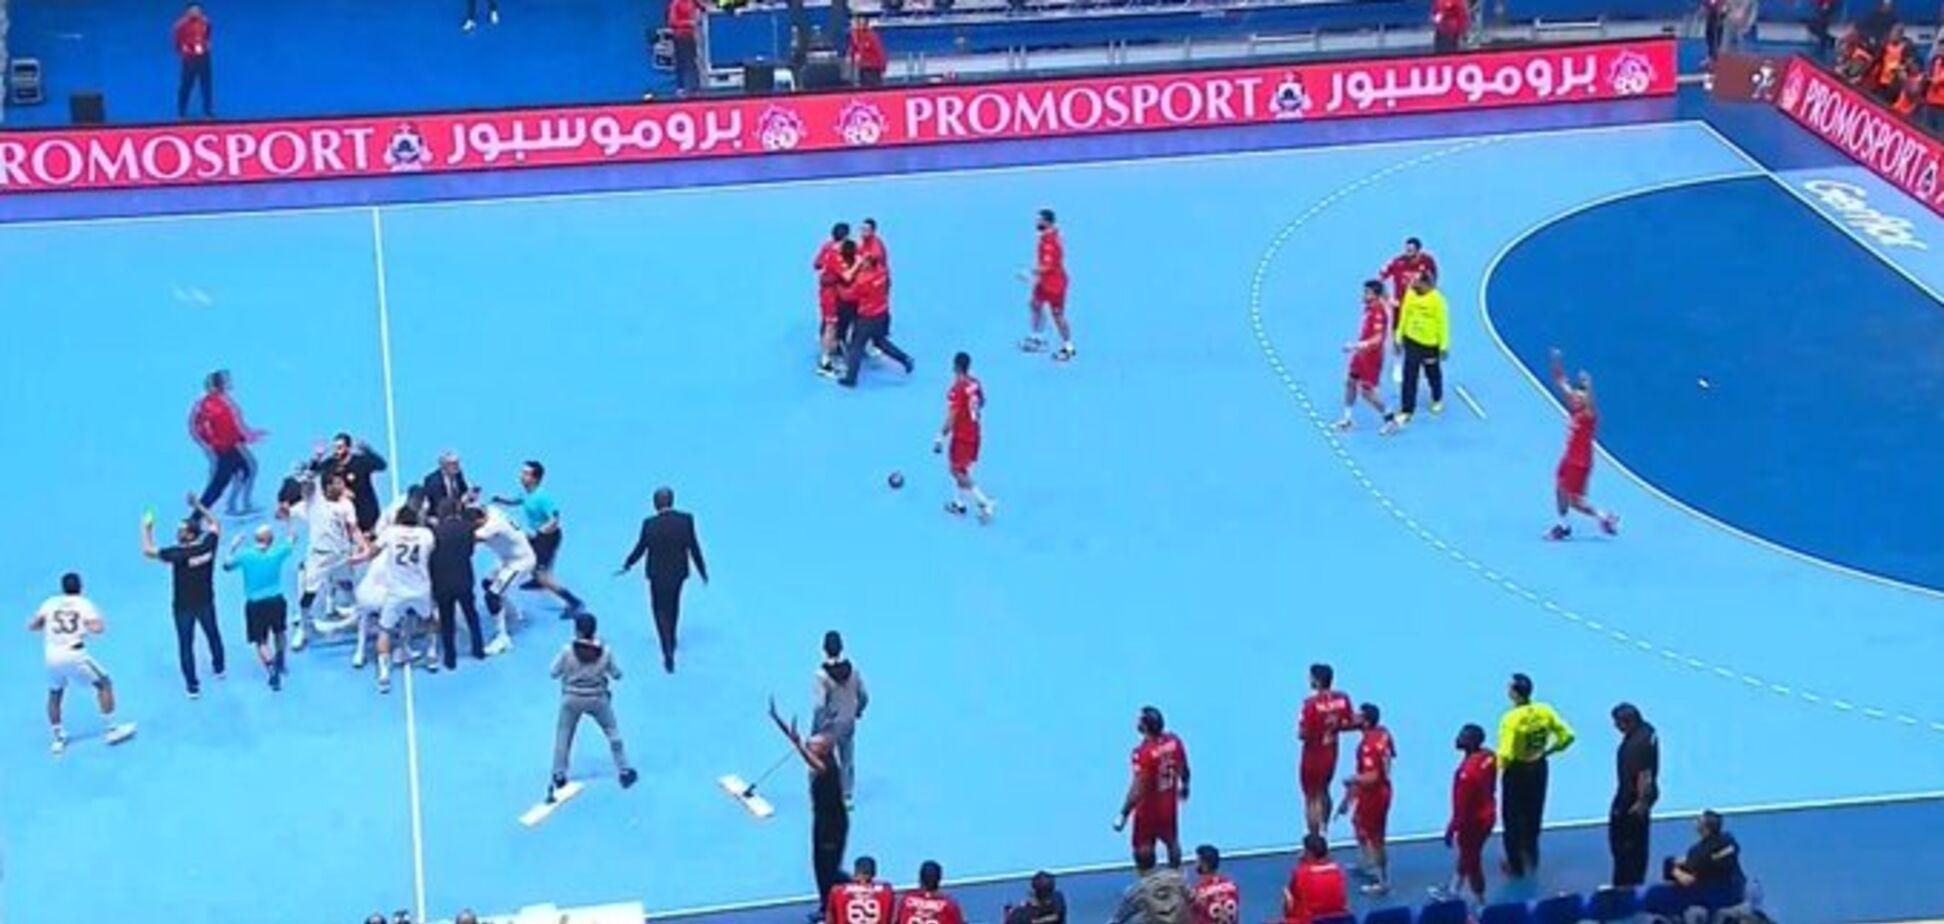 Спасались бегством: фанаты напали на гандболистов в финале битвы за Олимпиаду-2020 и сорвали матч